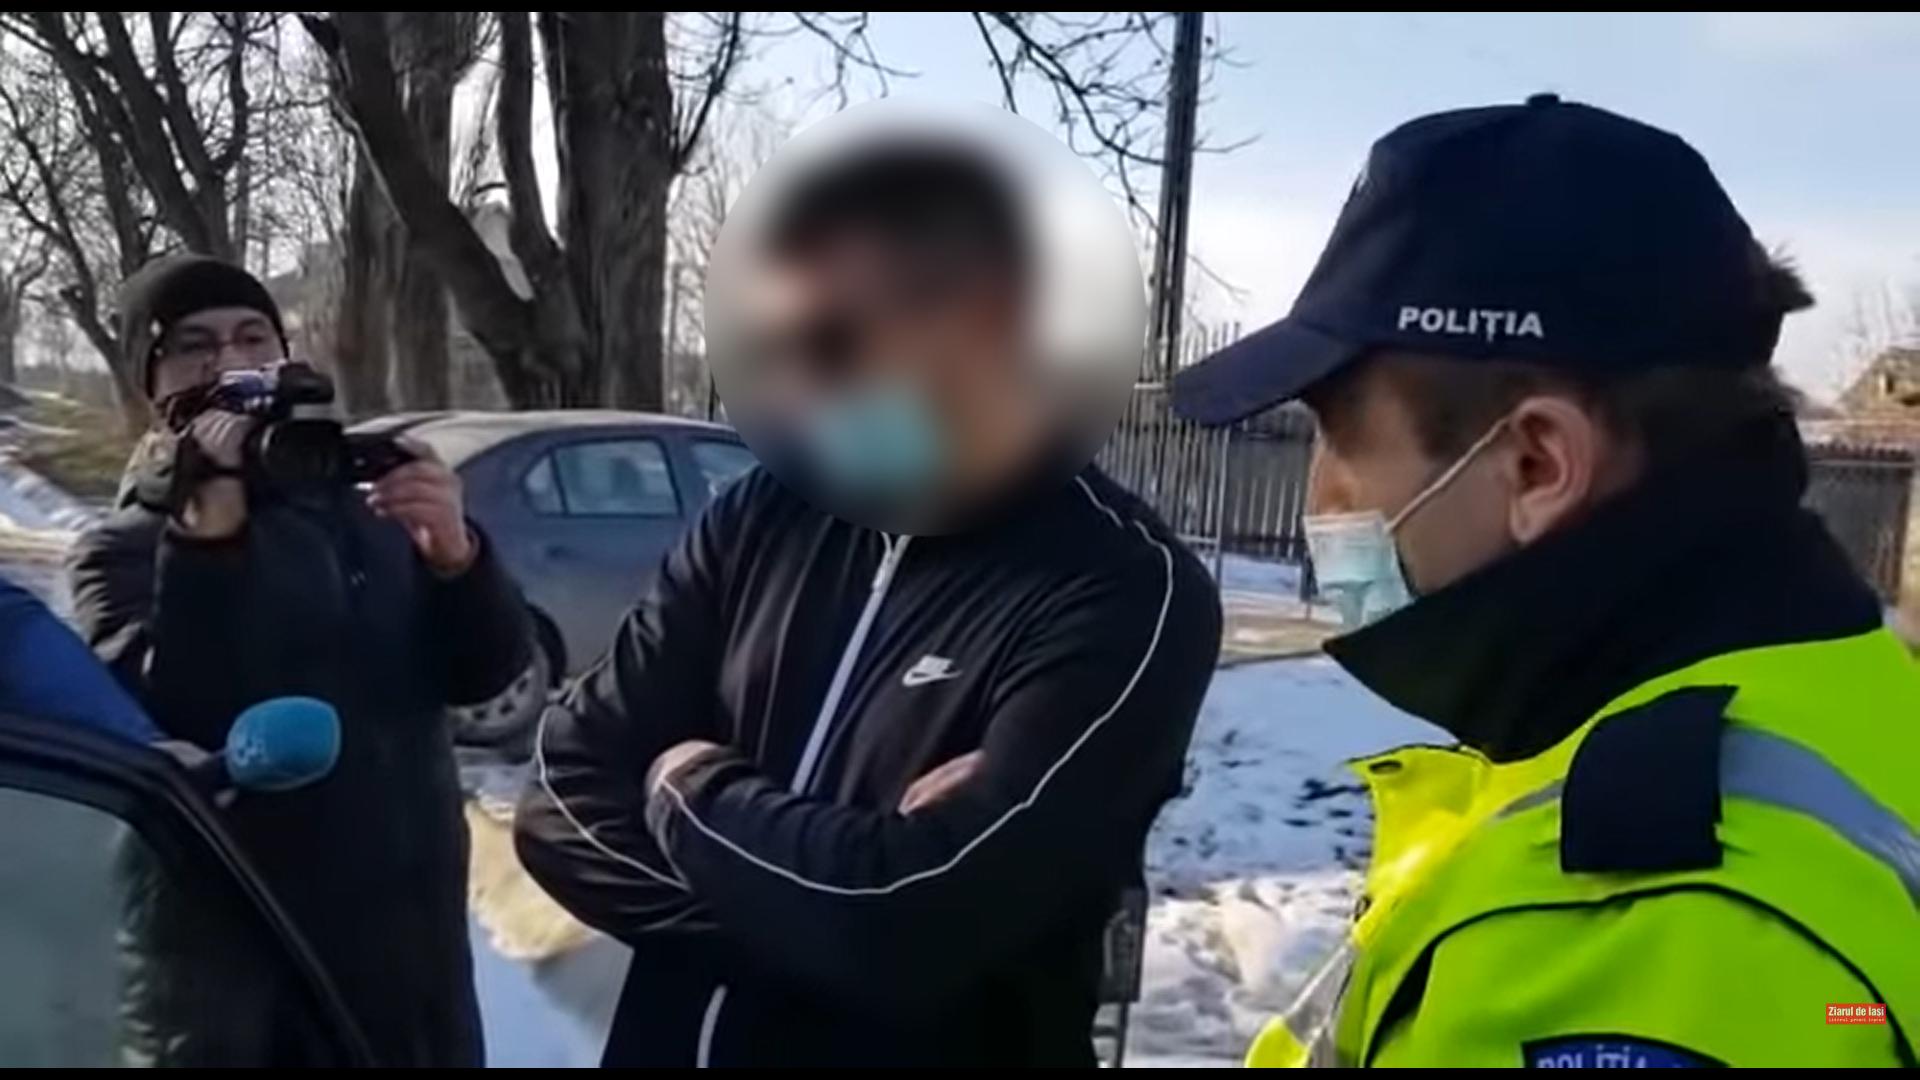 VIDEO. Cel mai sincer dealer de droguri. Ce le-a spus polițiștilor când a fost oprit în trafic